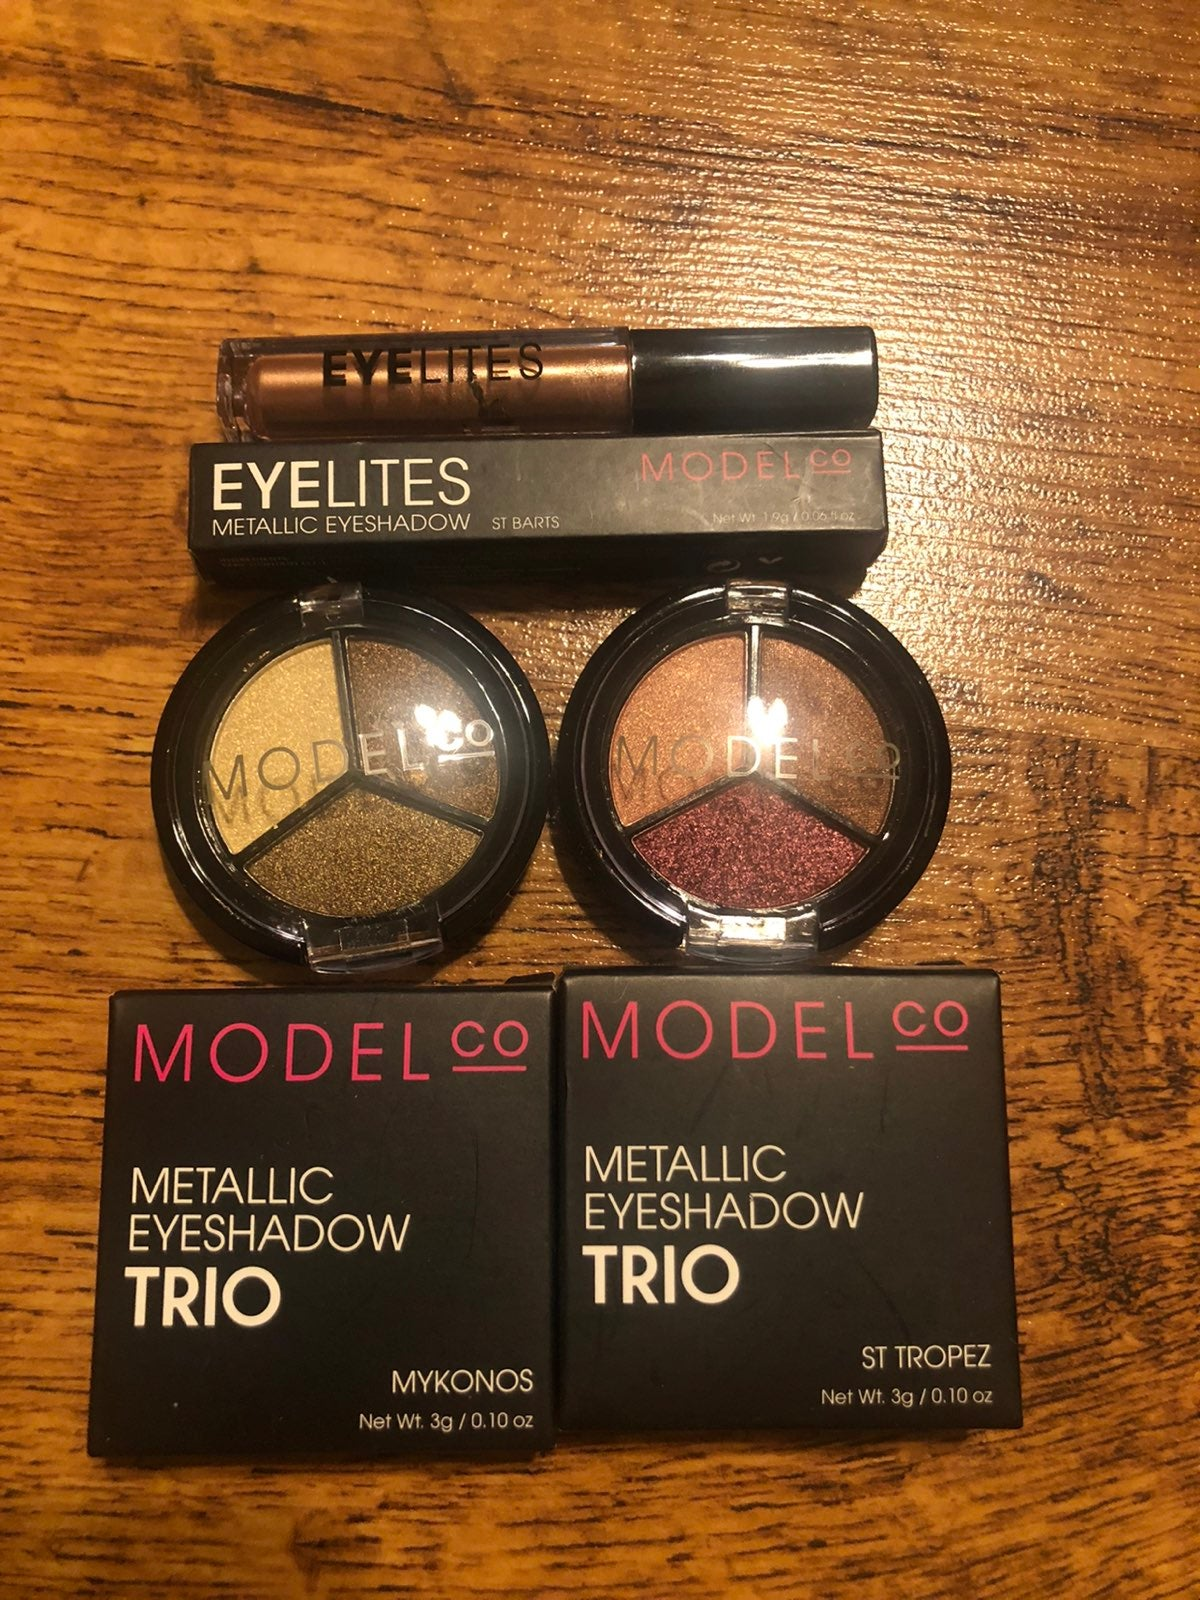 Model Co Eyeshadow bundke(New)